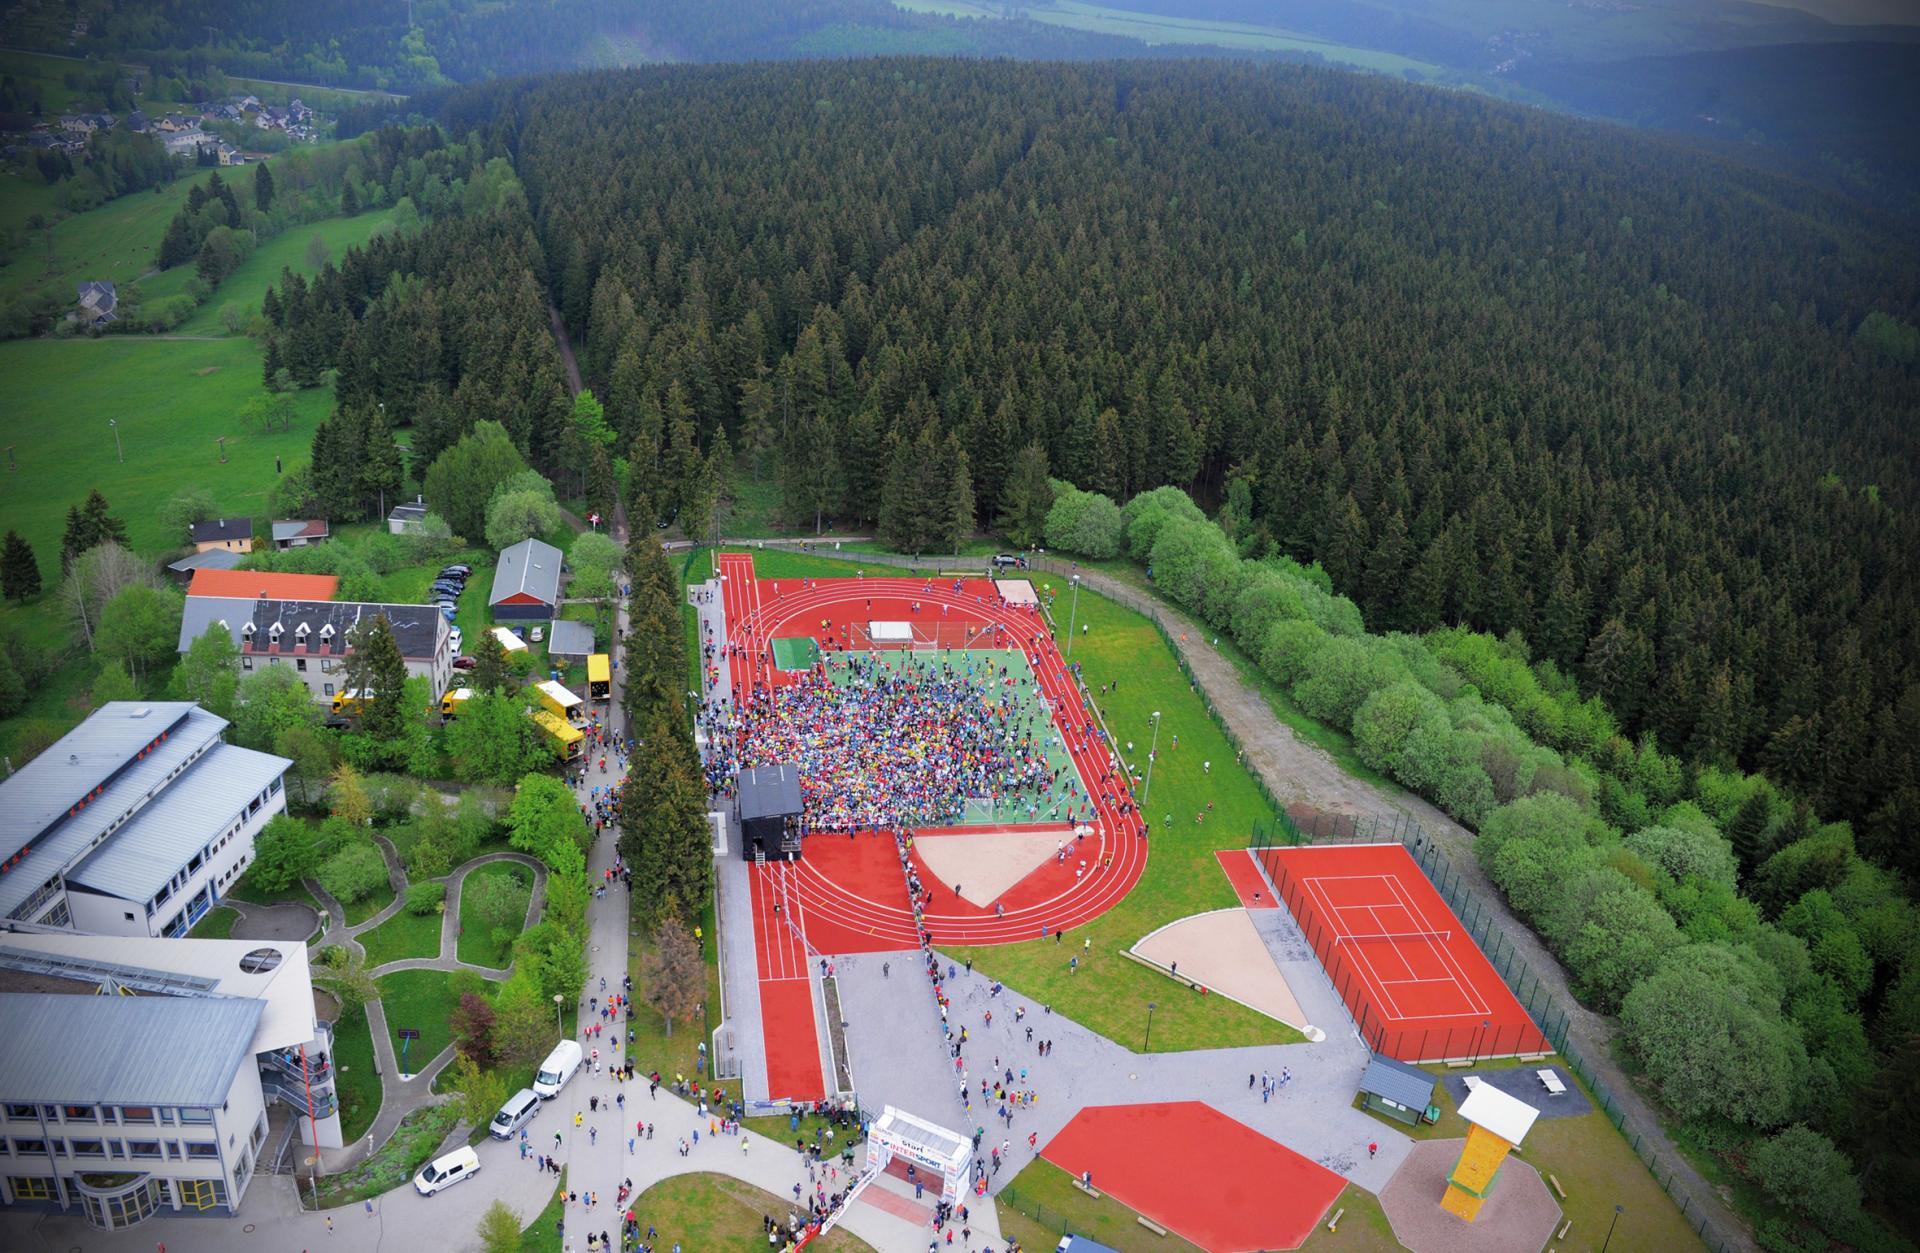 Freisportanlage am Apelsberg Luftbild von Sascha Fromm